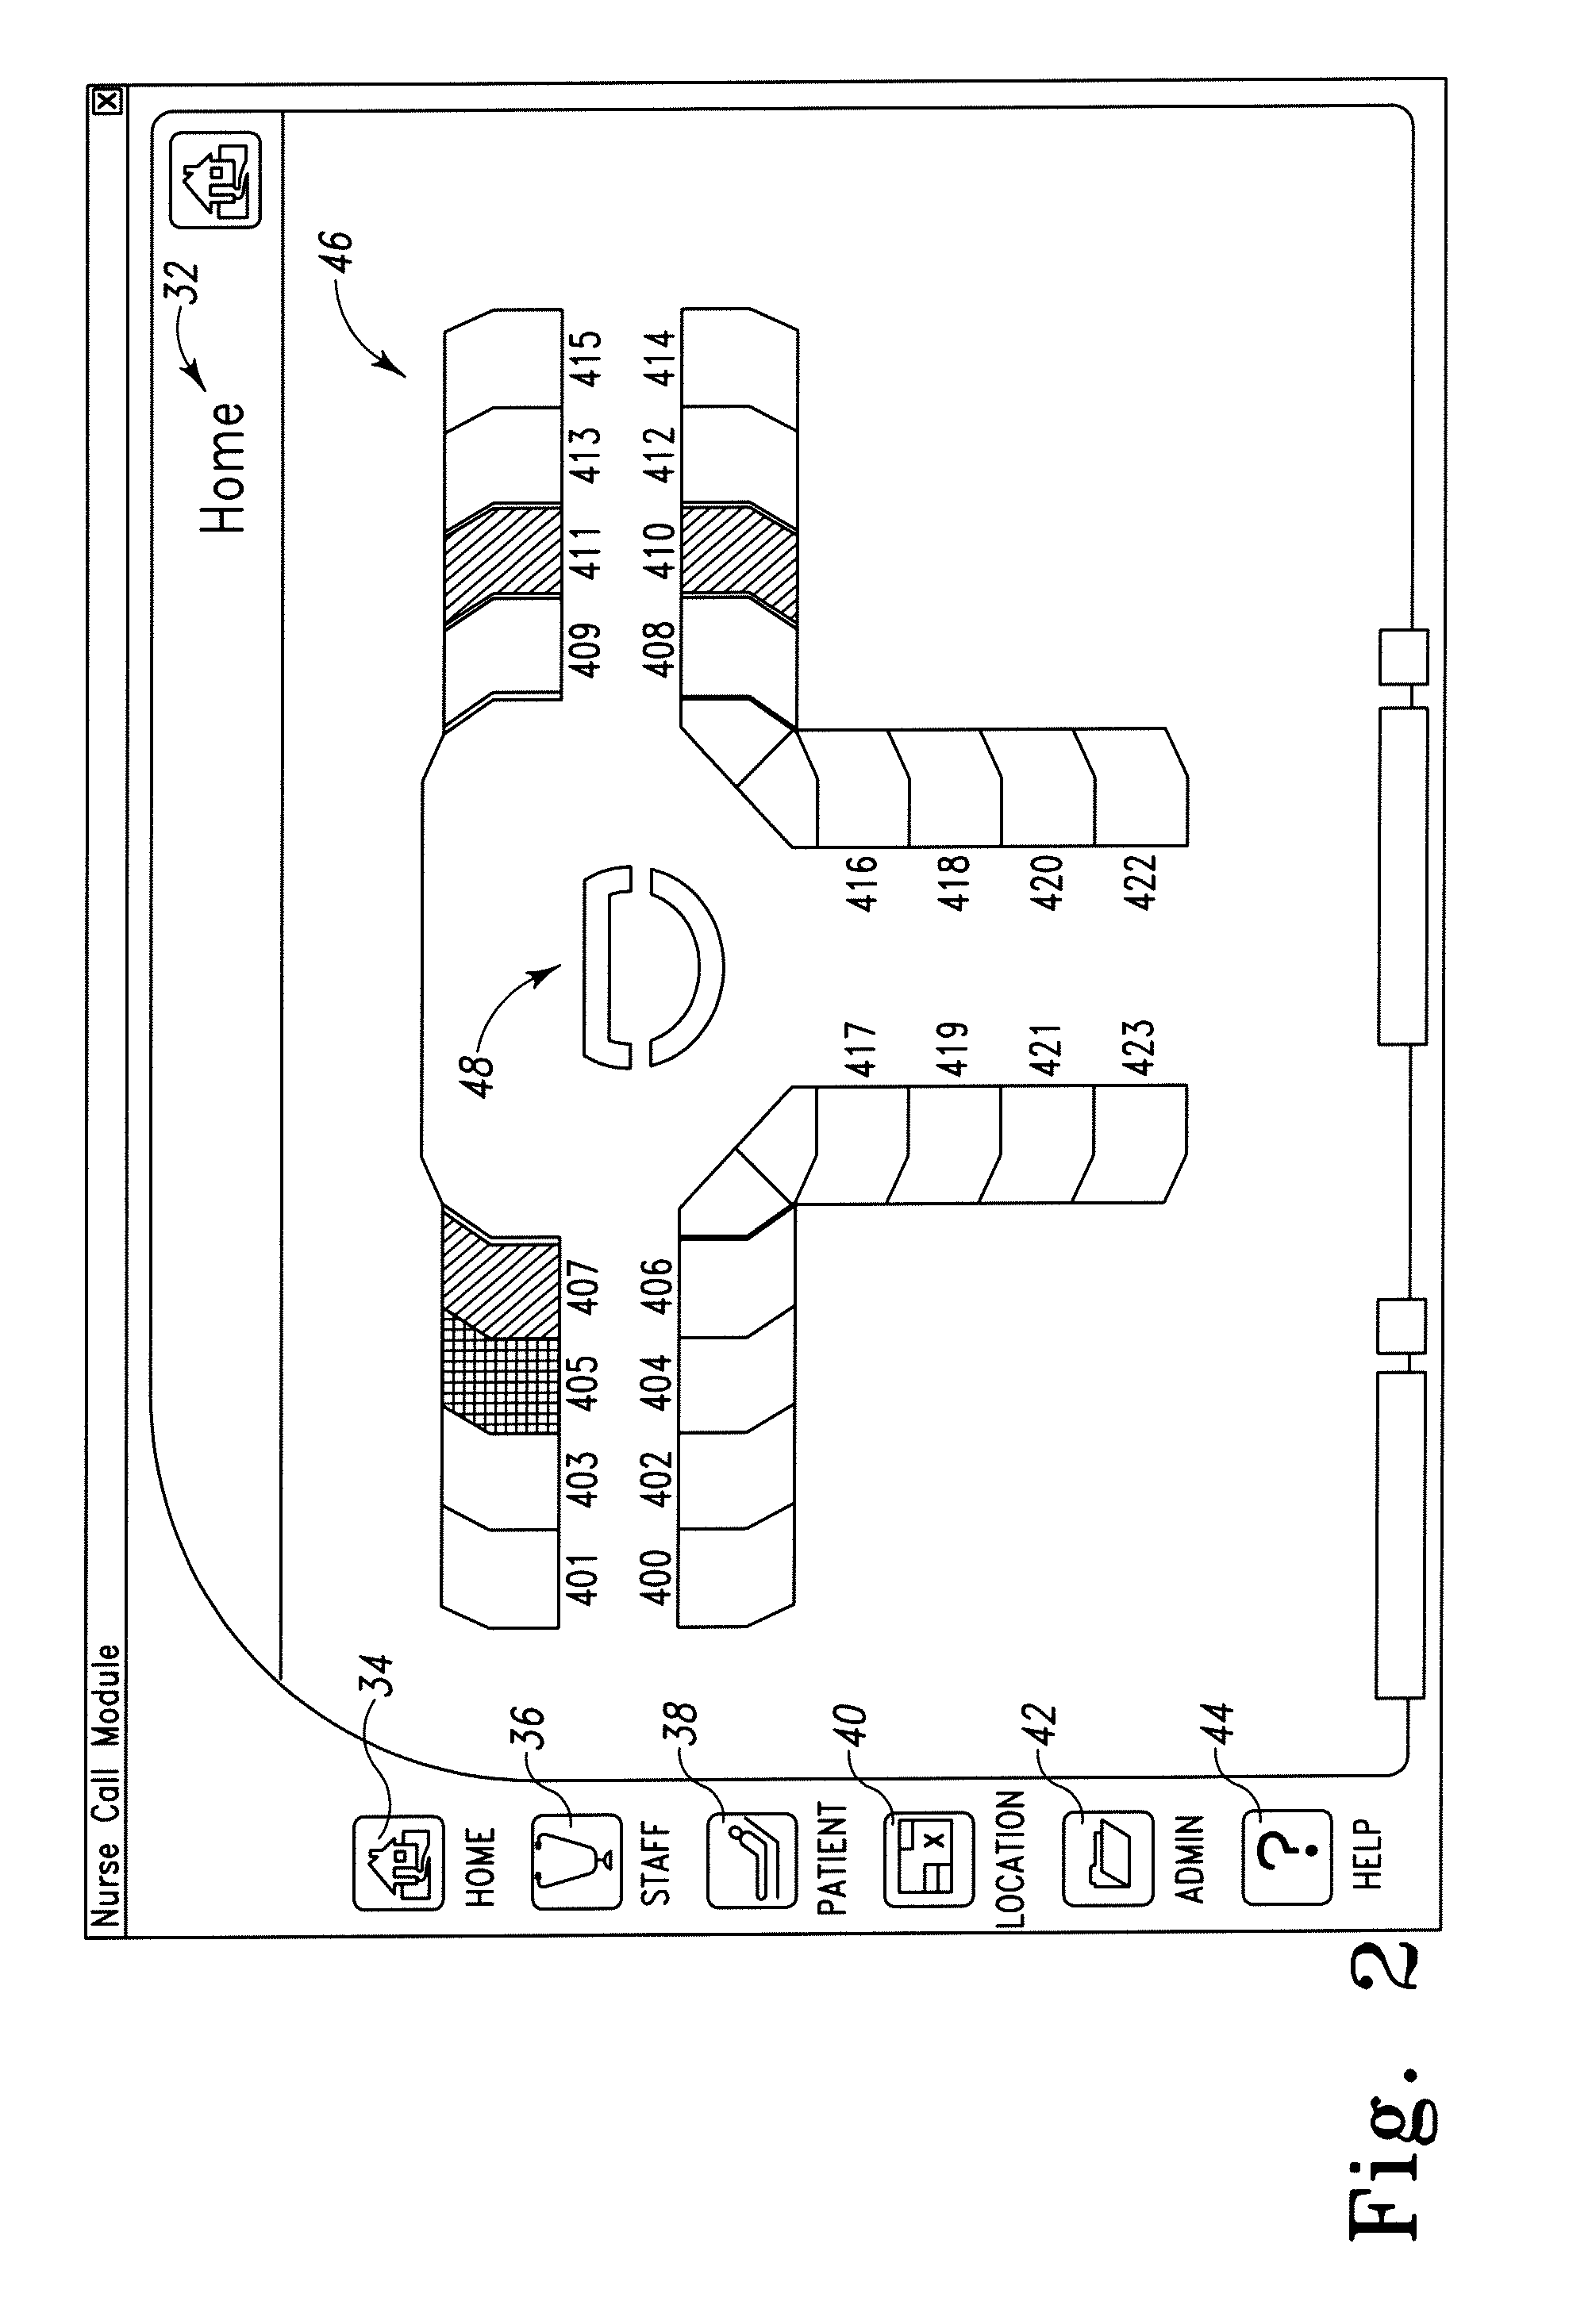 Accel Control Module Wiring Diagram Auto Electrical Diagrams Dukane Nurse Call